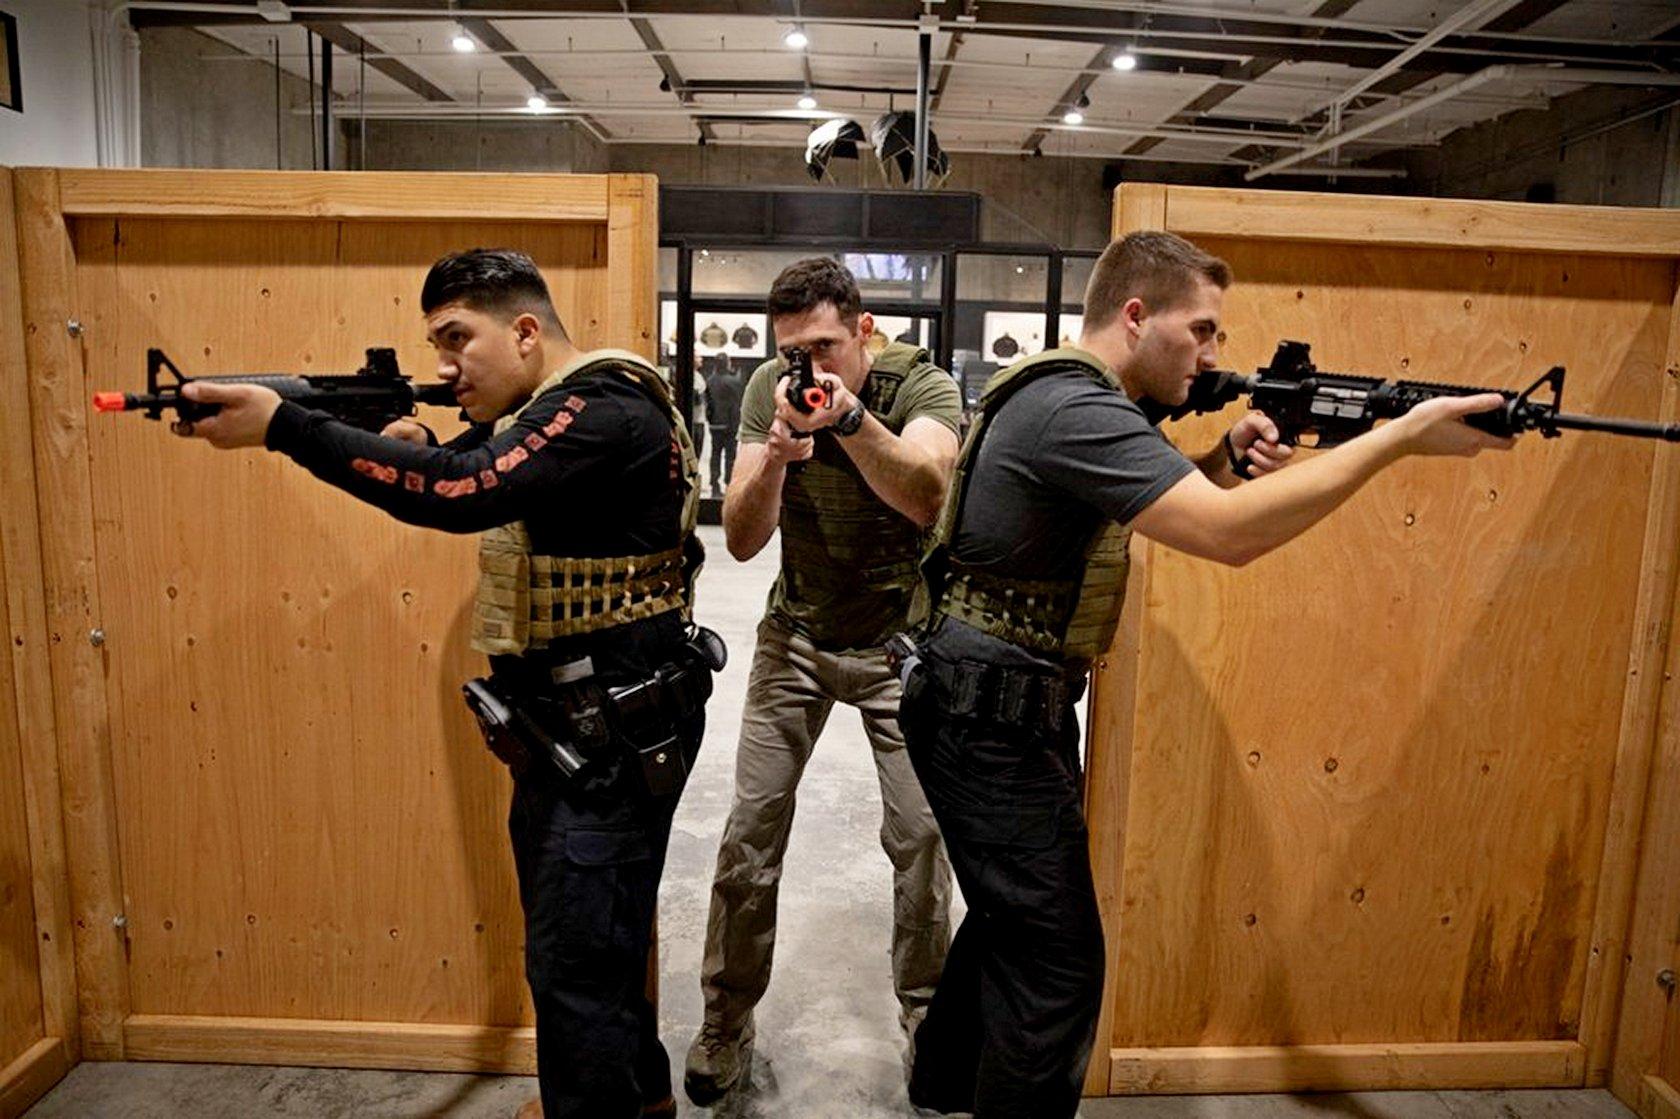 Combat Shooting